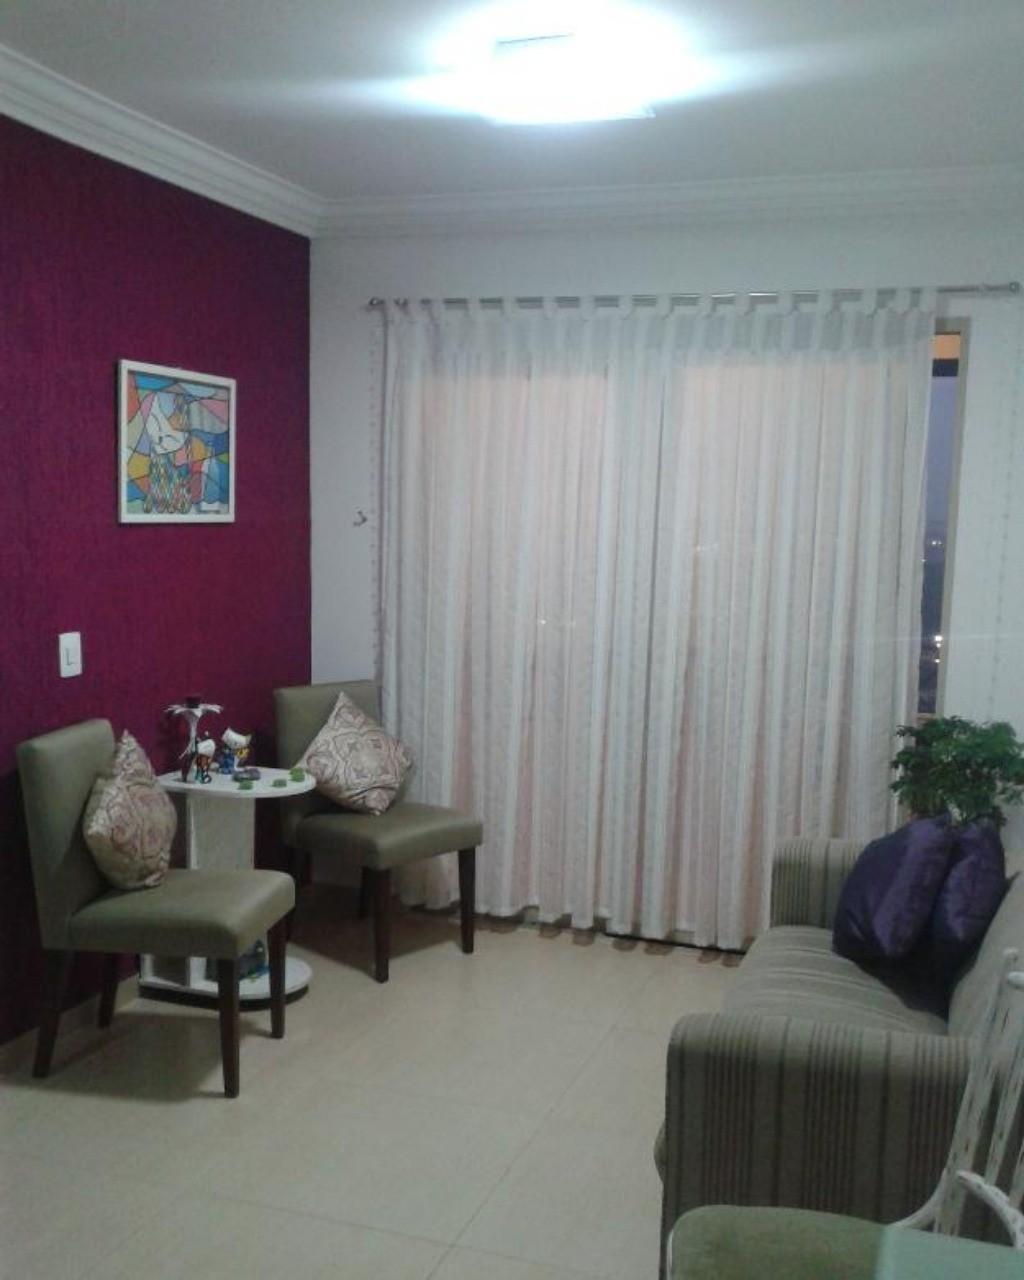 comprar ou alugar apartamento no bairro vila isa na cidade de sao paulo-sp